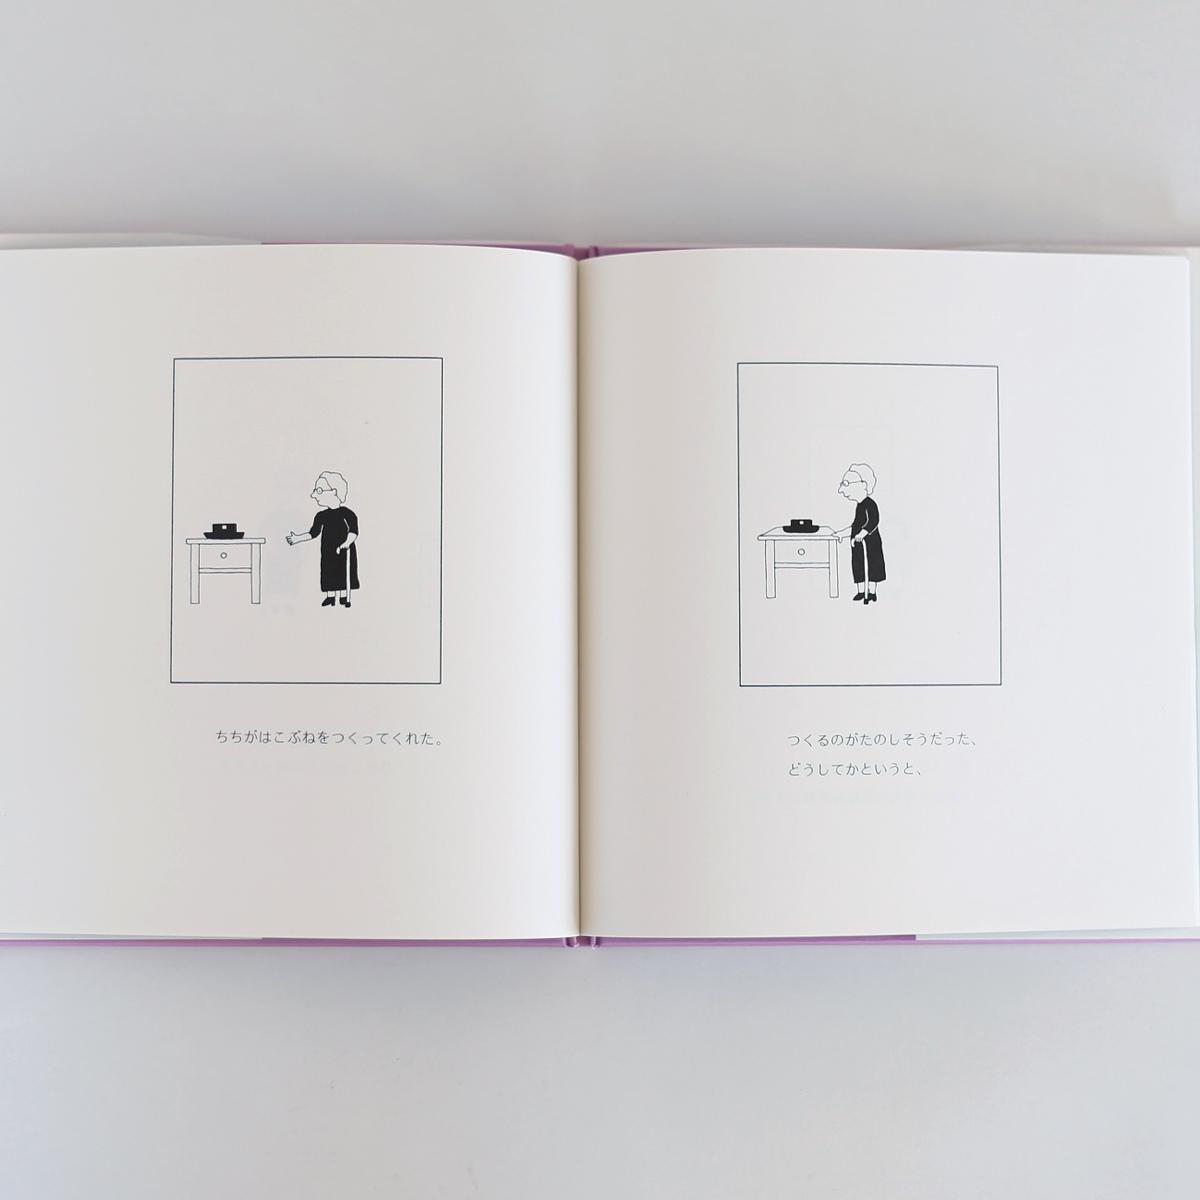 絵本「おばあちゃんのはこぶね」ゴフスタイン/谷川俊太郎